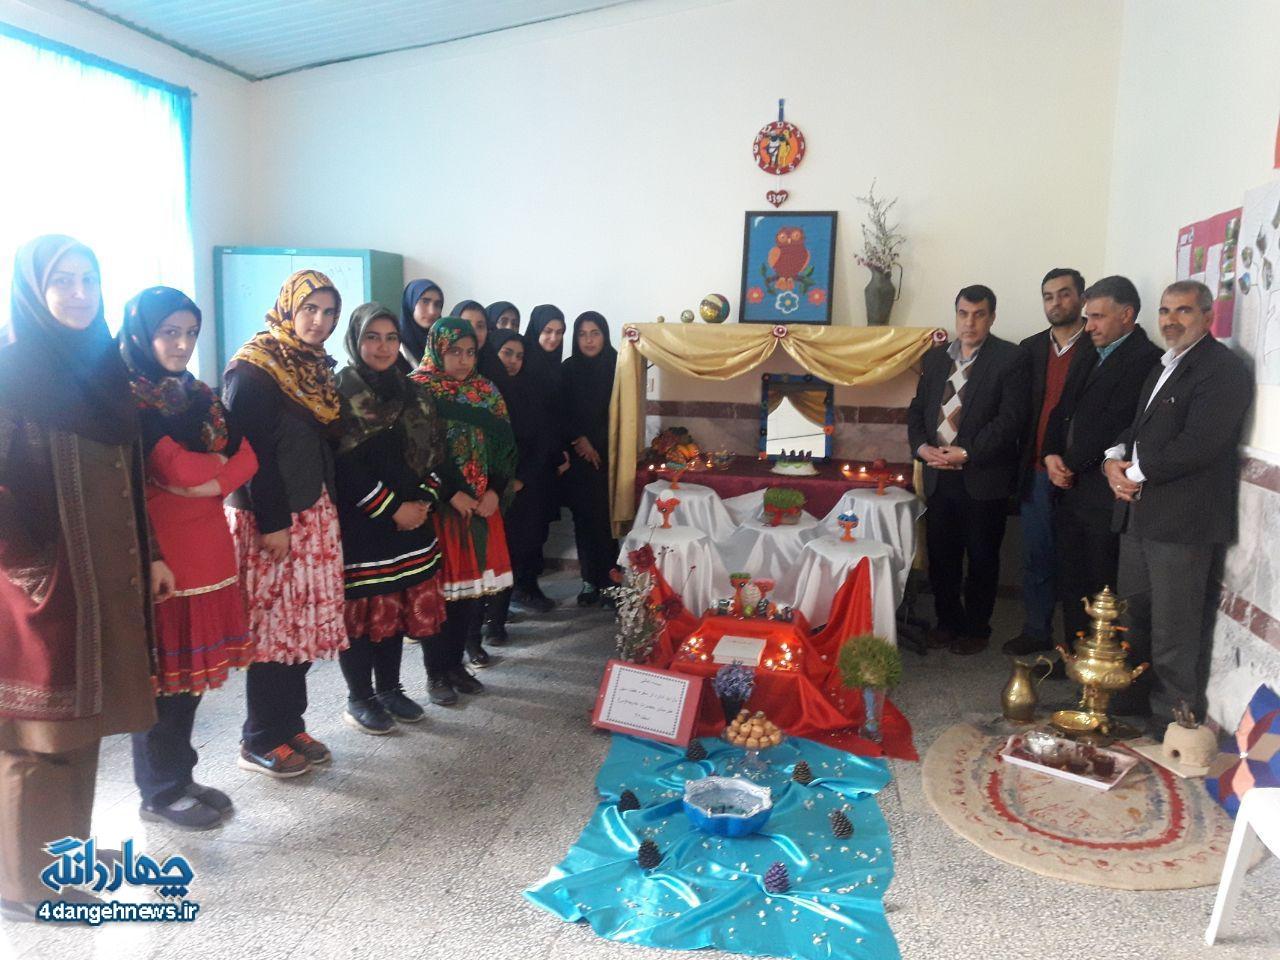 جشنواره سفره هفت سین در مدارس چهاردانگه اجرا شد + تصاویر